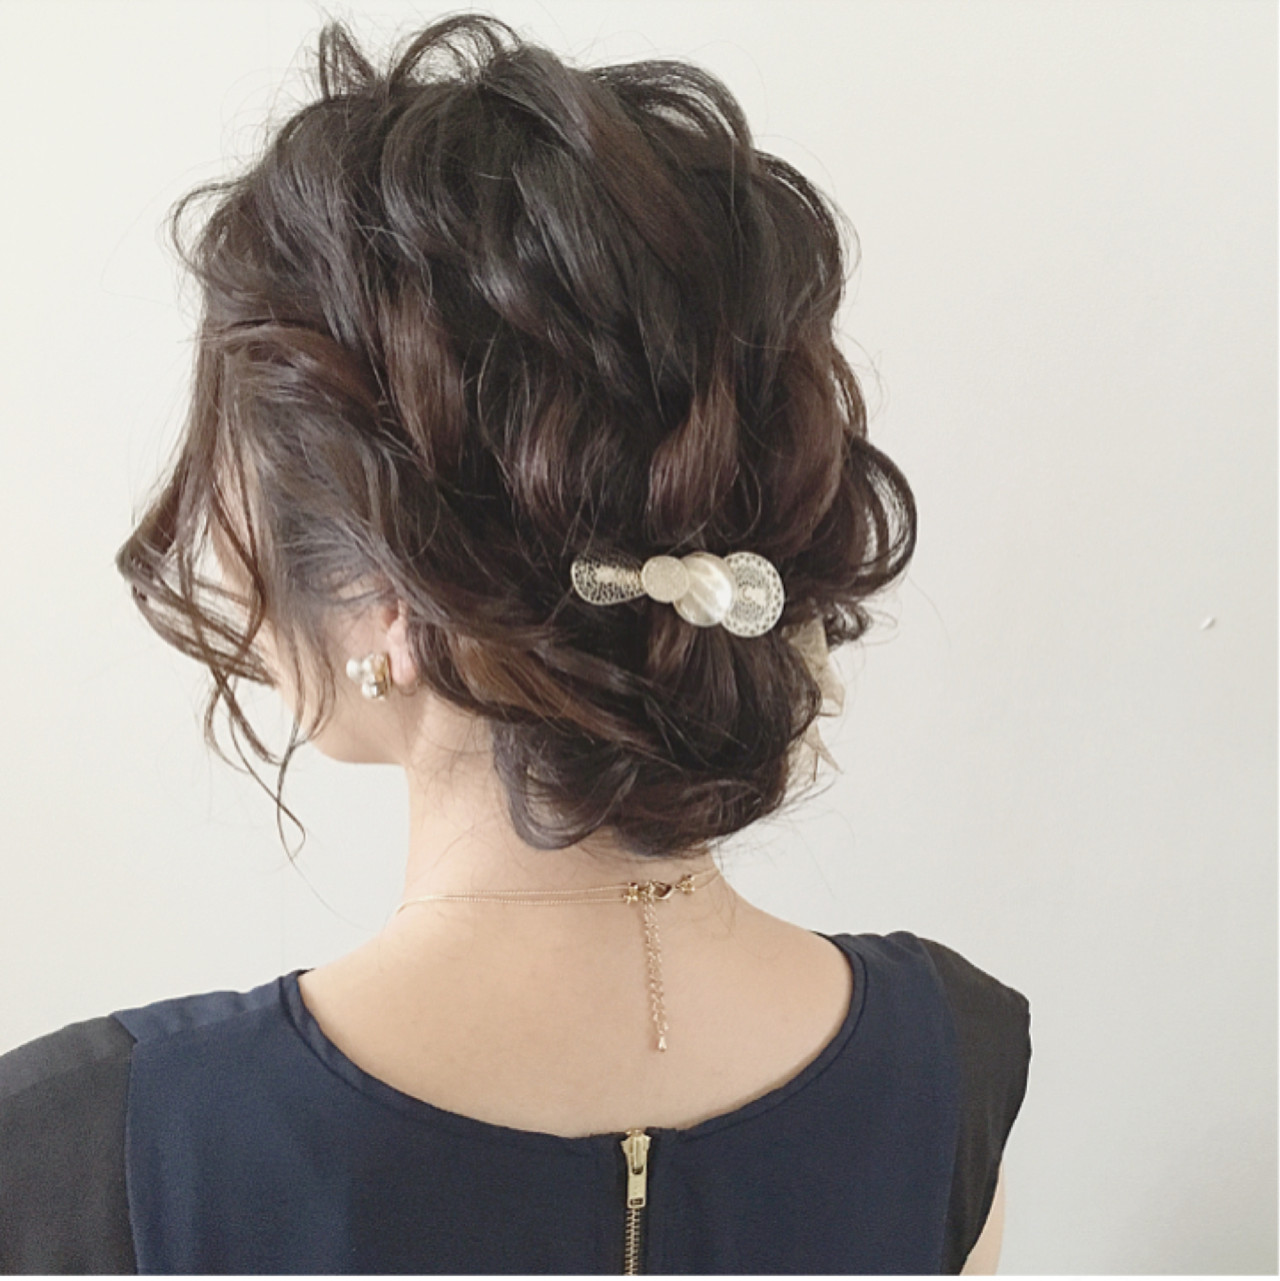 ヘアアレンジ 大人かわいい 結婚式 ナチュラル ヘアスタイルや髪型の写真・画像